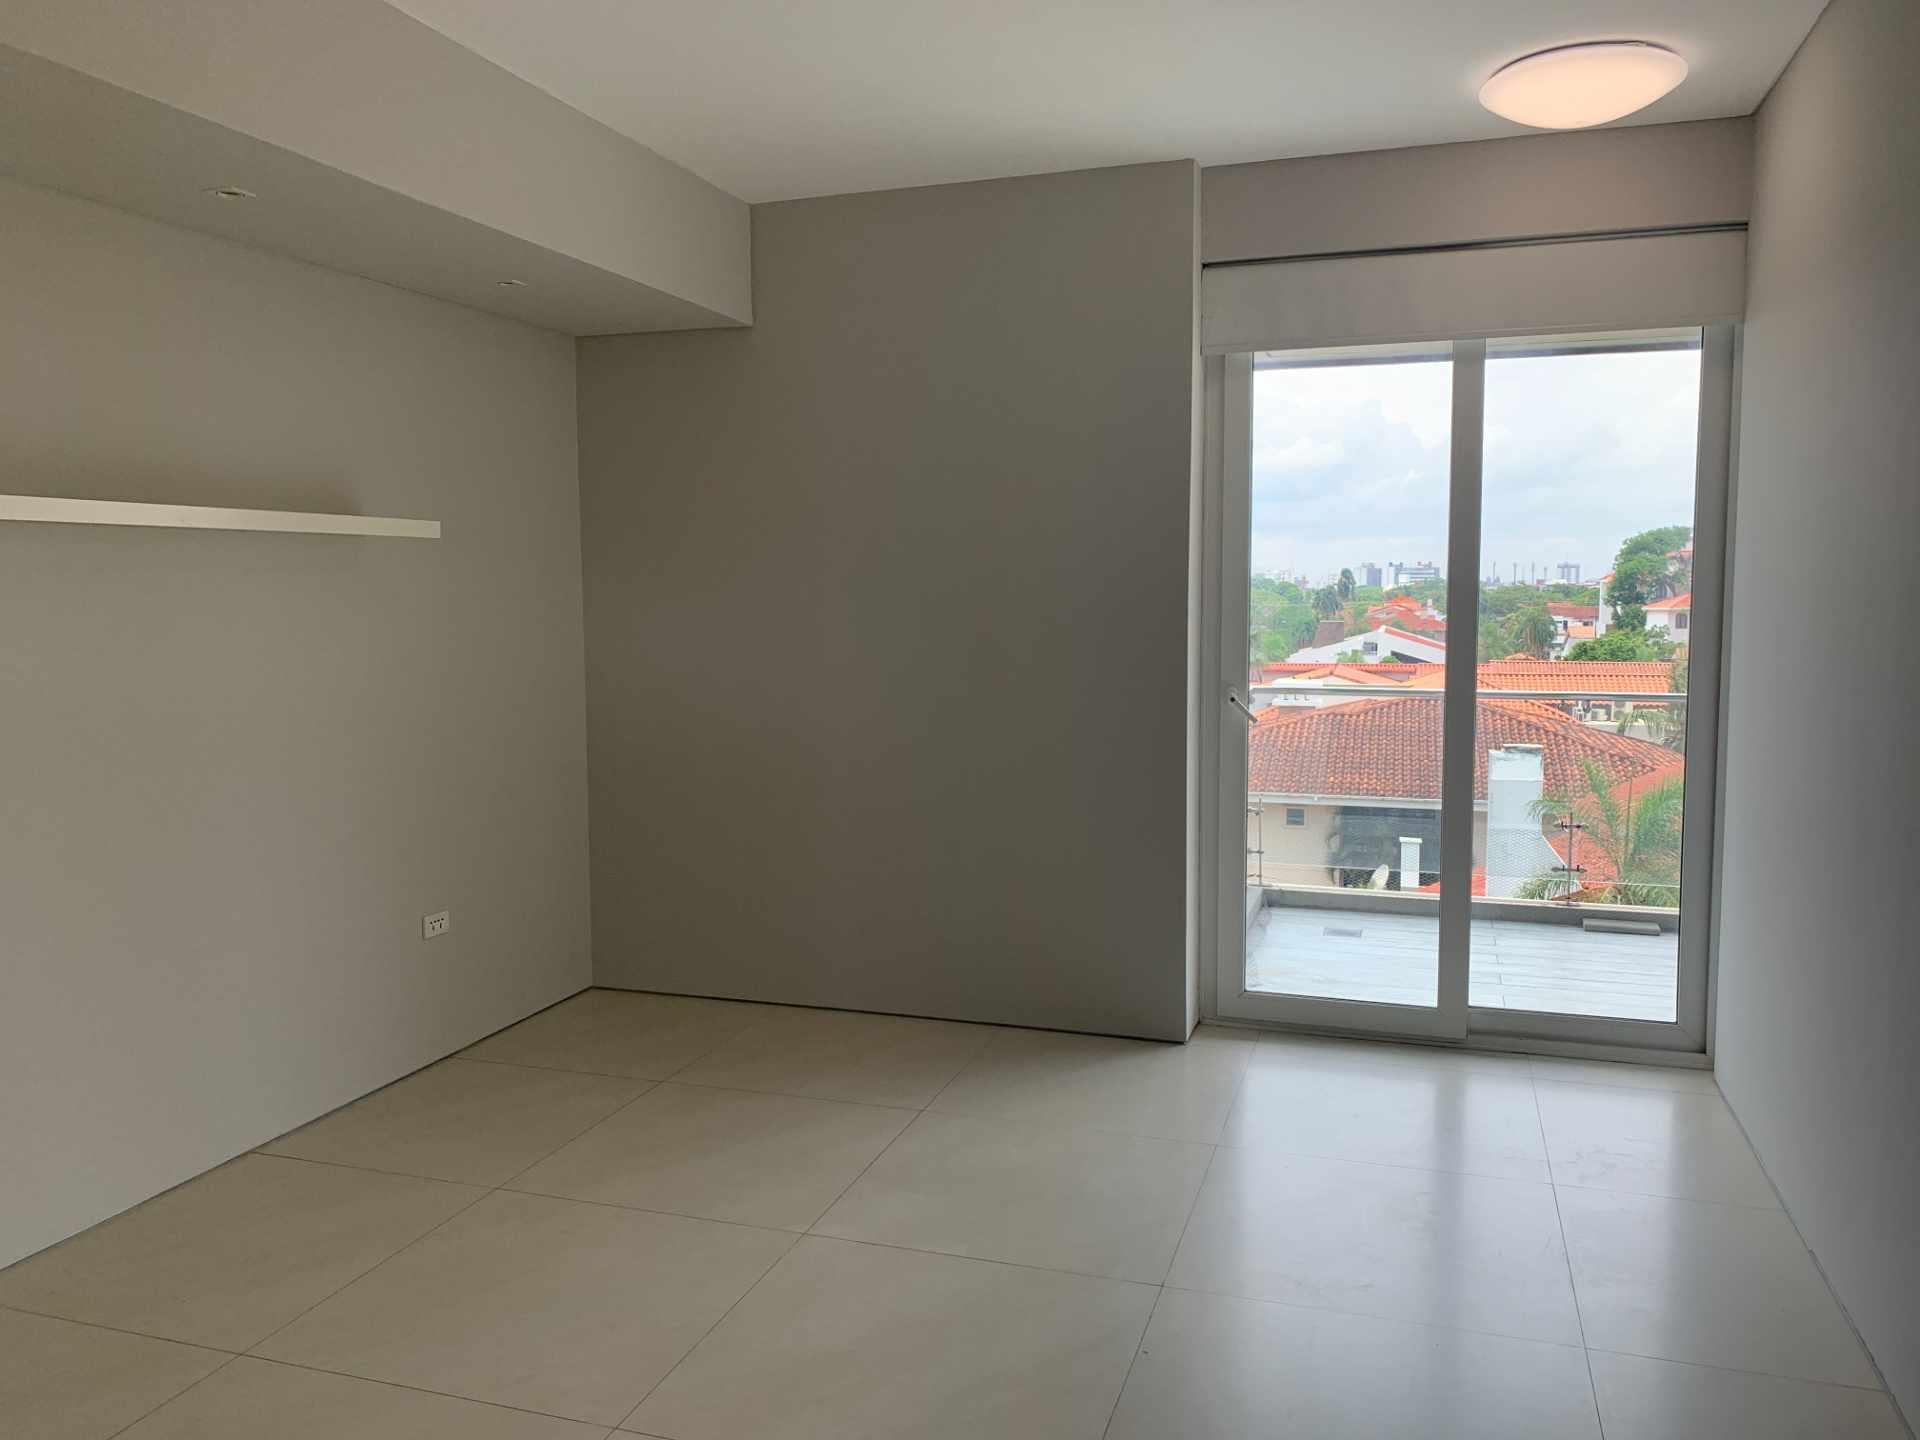 Departamento en Venta Barrio Las Palmas Radial Castilla esquina Las Palmas Foto 26